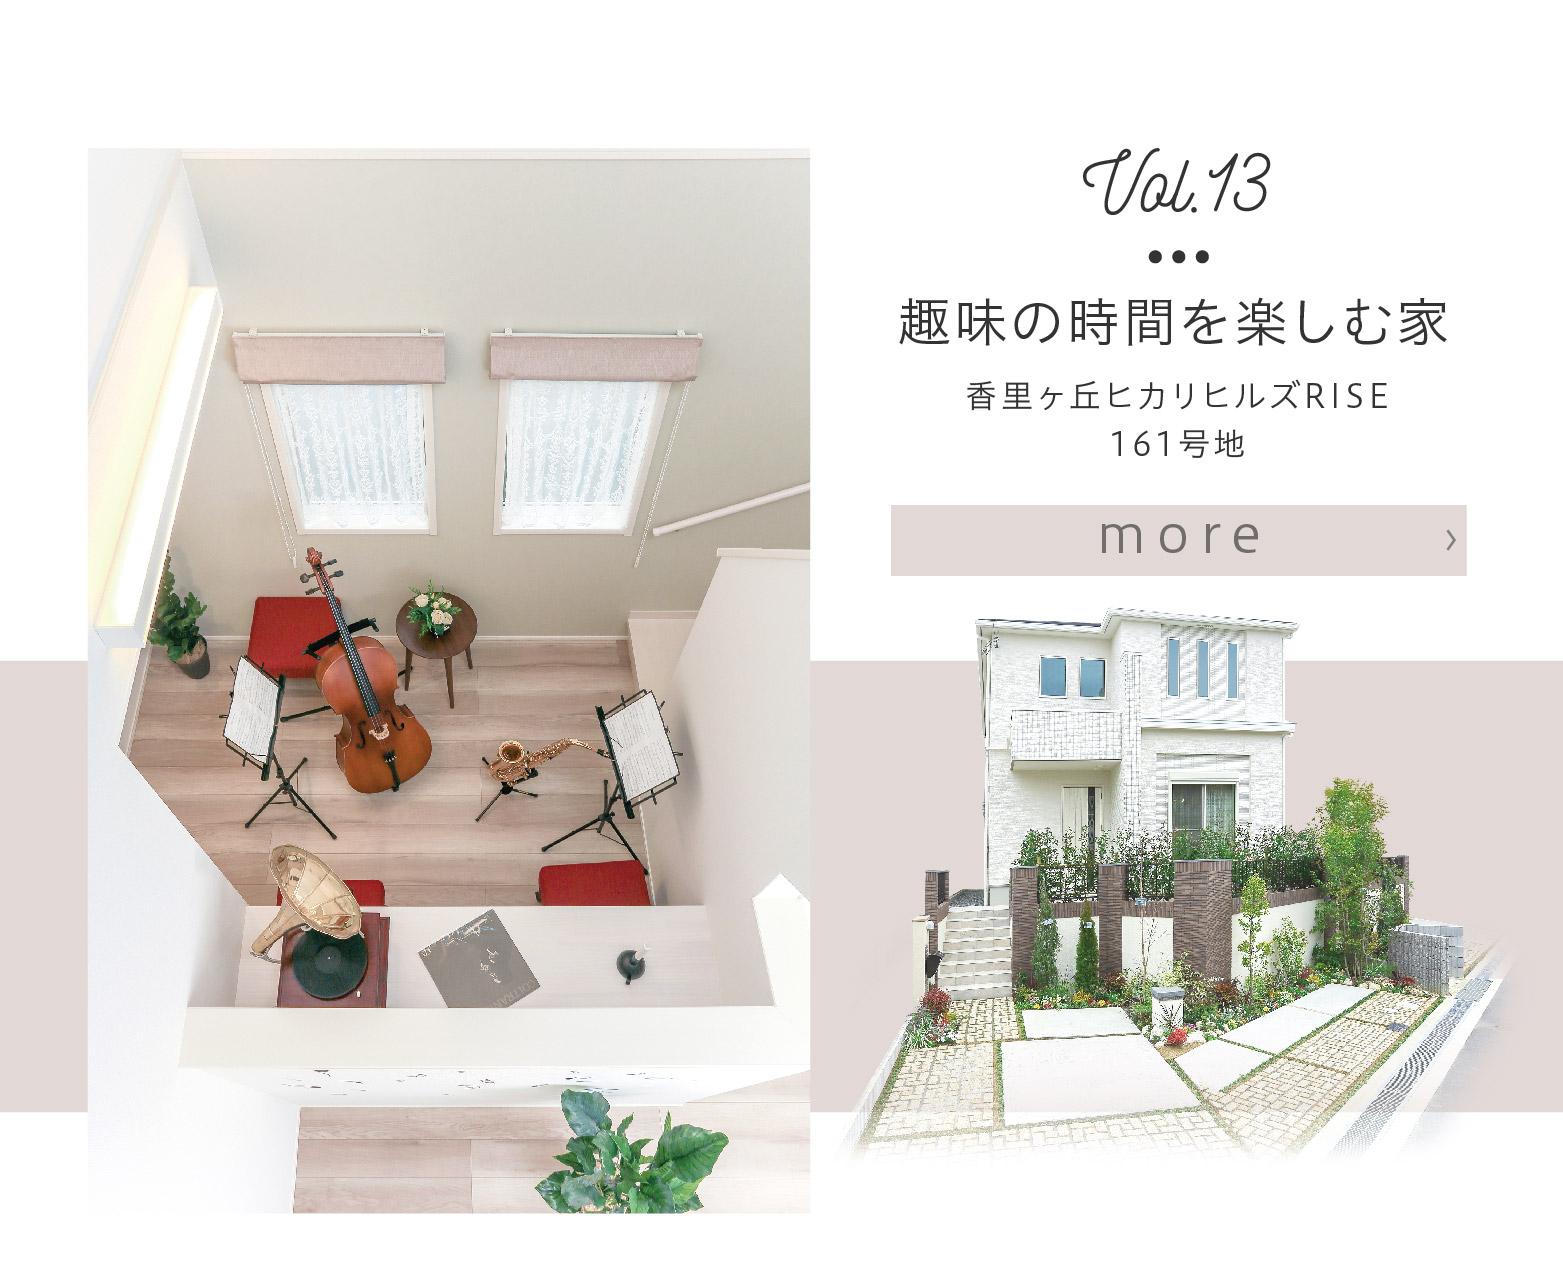 【香里ヶ丘ヒカリヒルズRISE 161号地】モデルハウスを見る